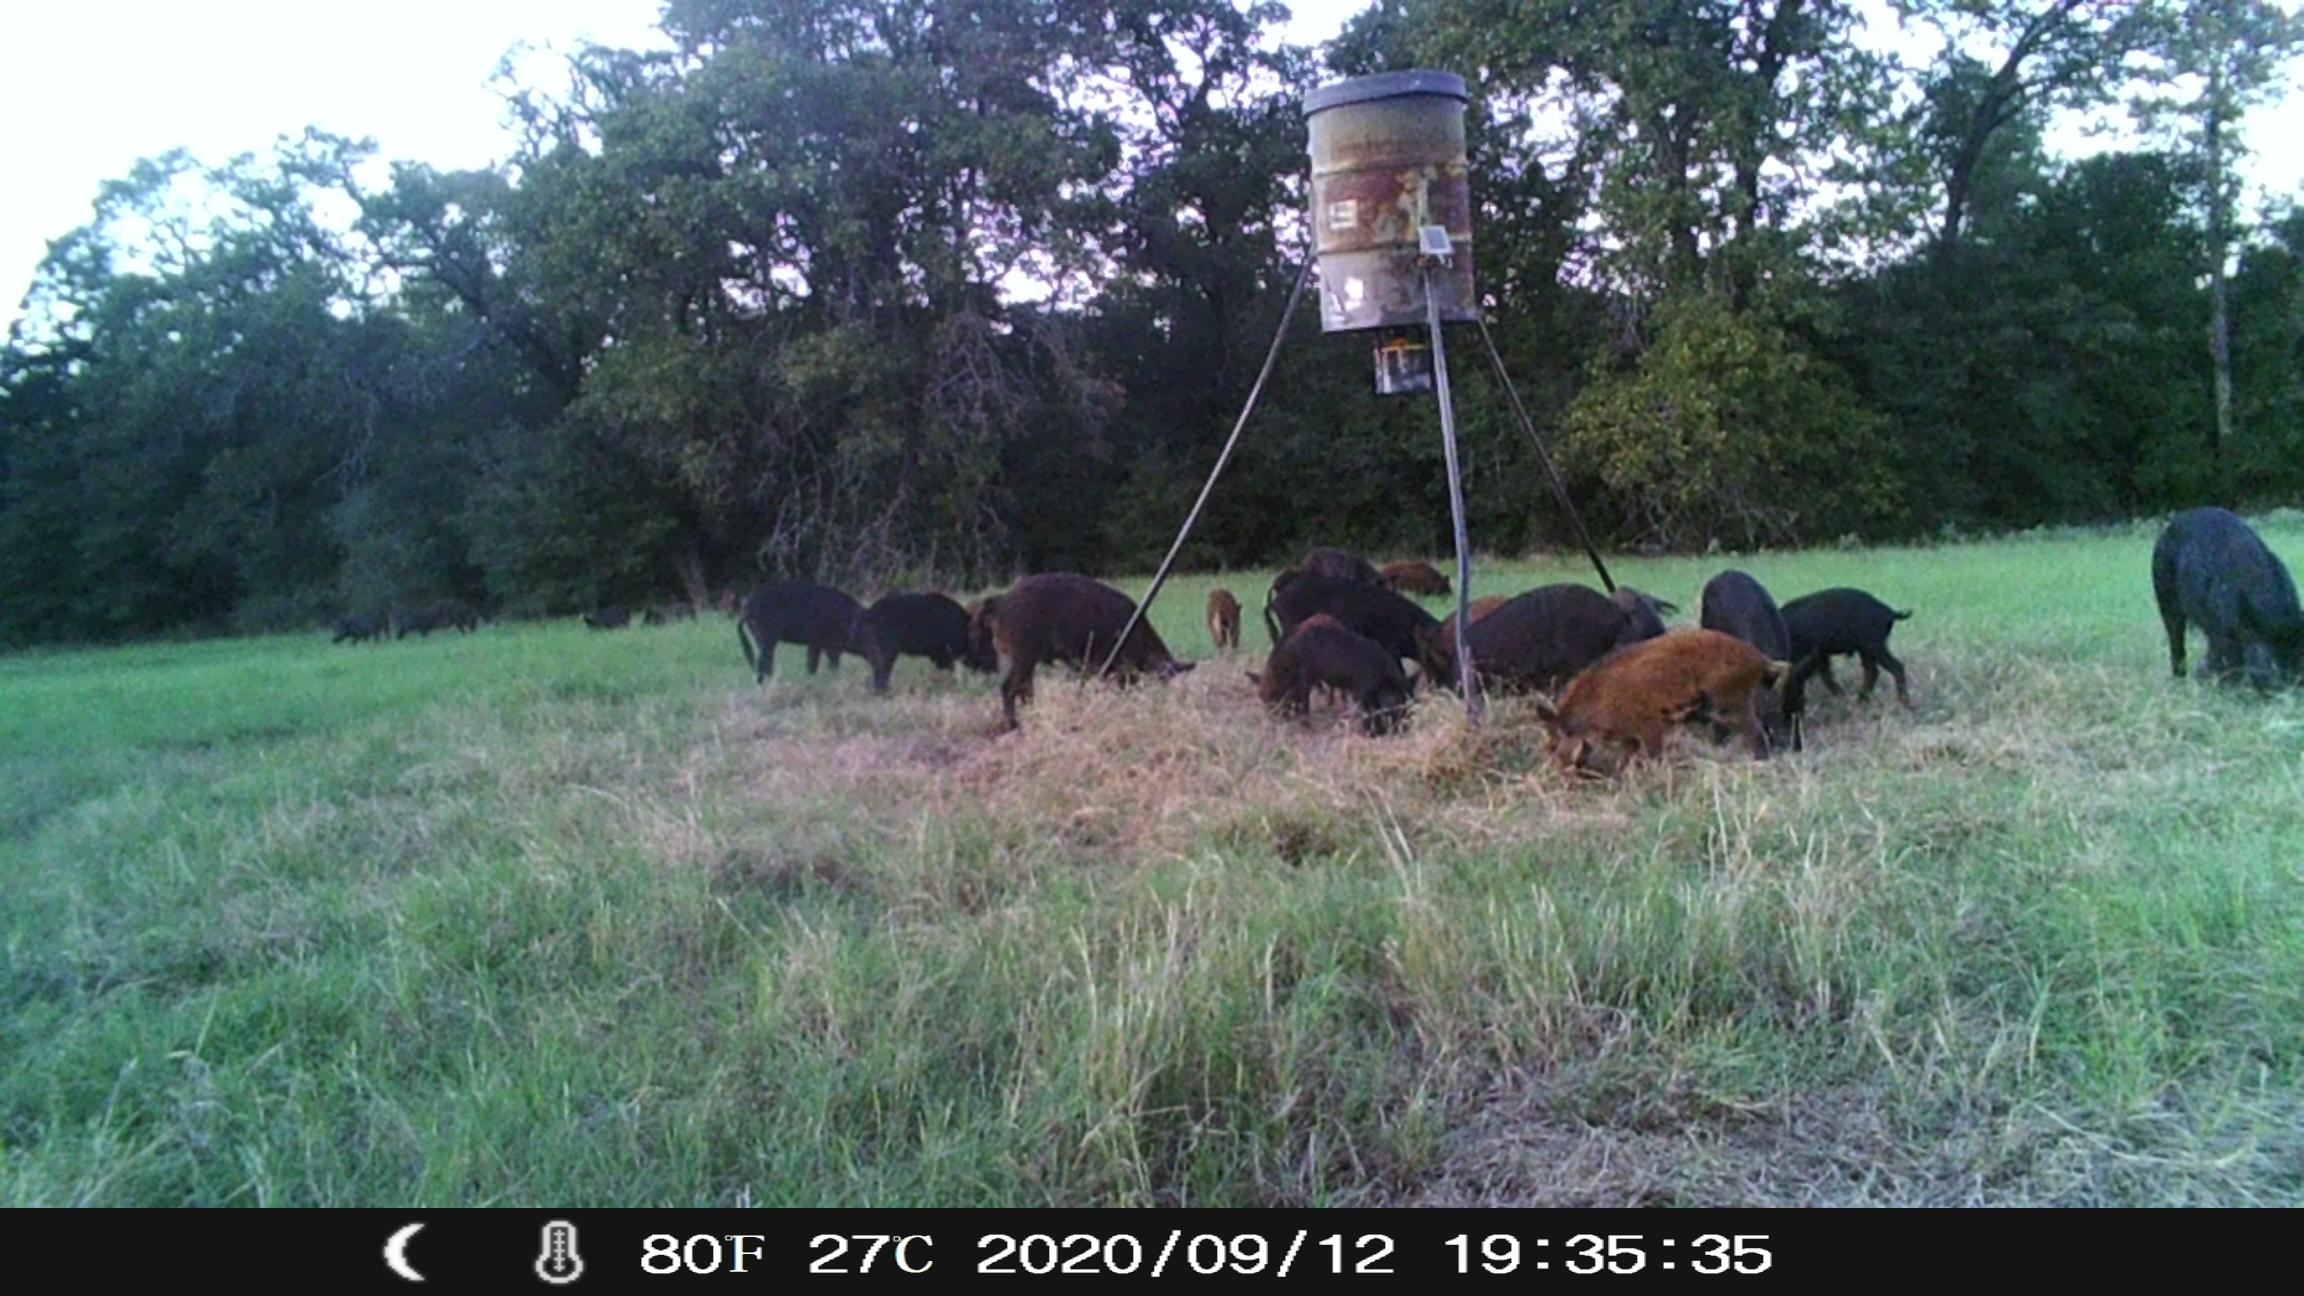 huge group pig 9.12.20. 7 35 pm.jpg